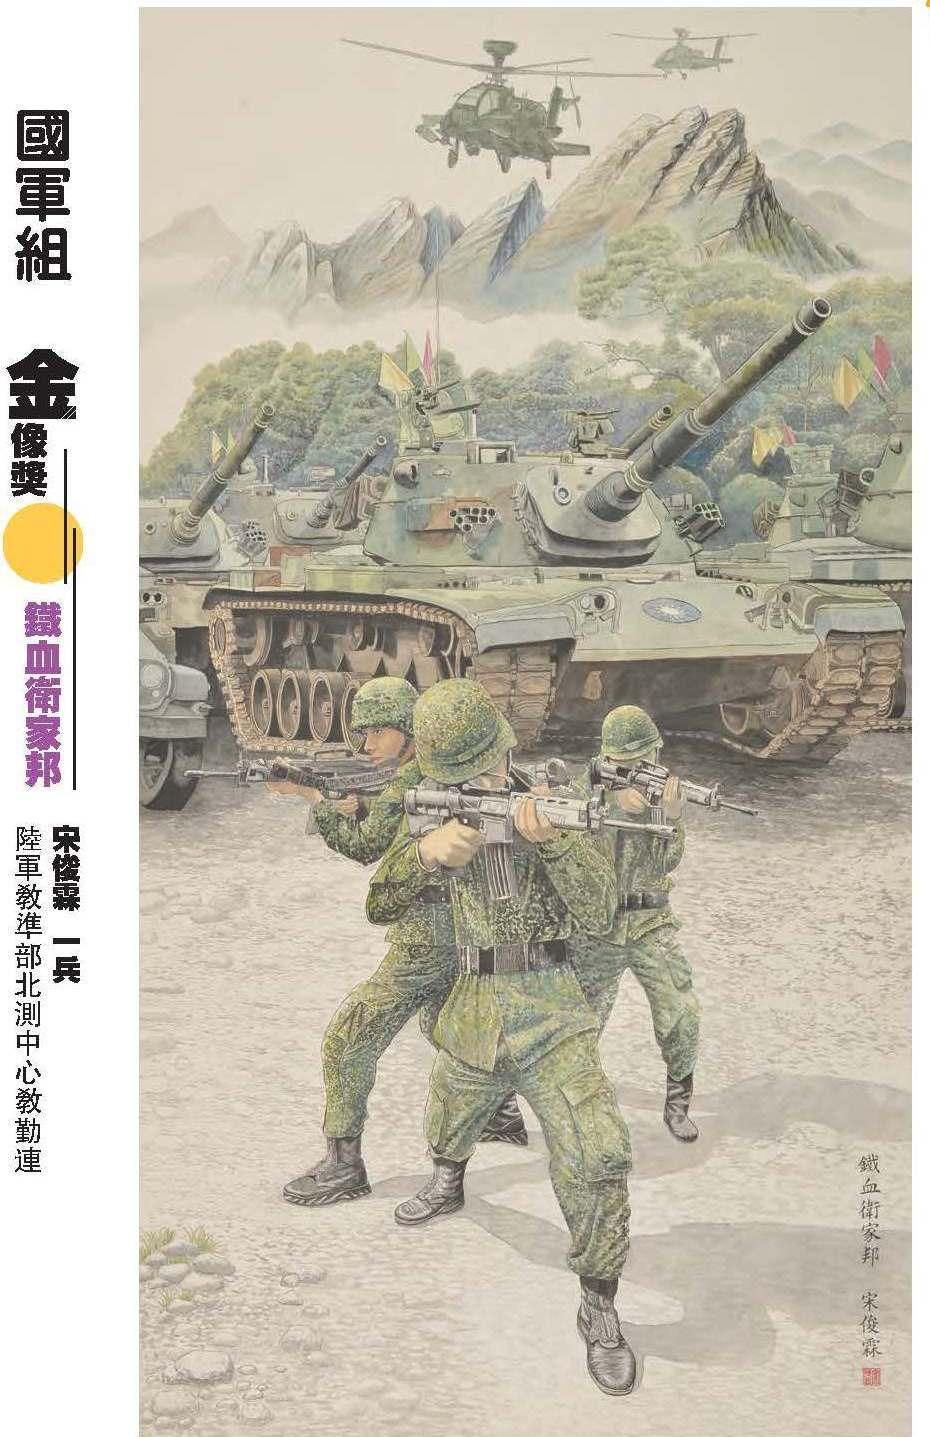 51屆國畫項國軍組金像獎_鐵血衛家邦_宋俊霖.jpg